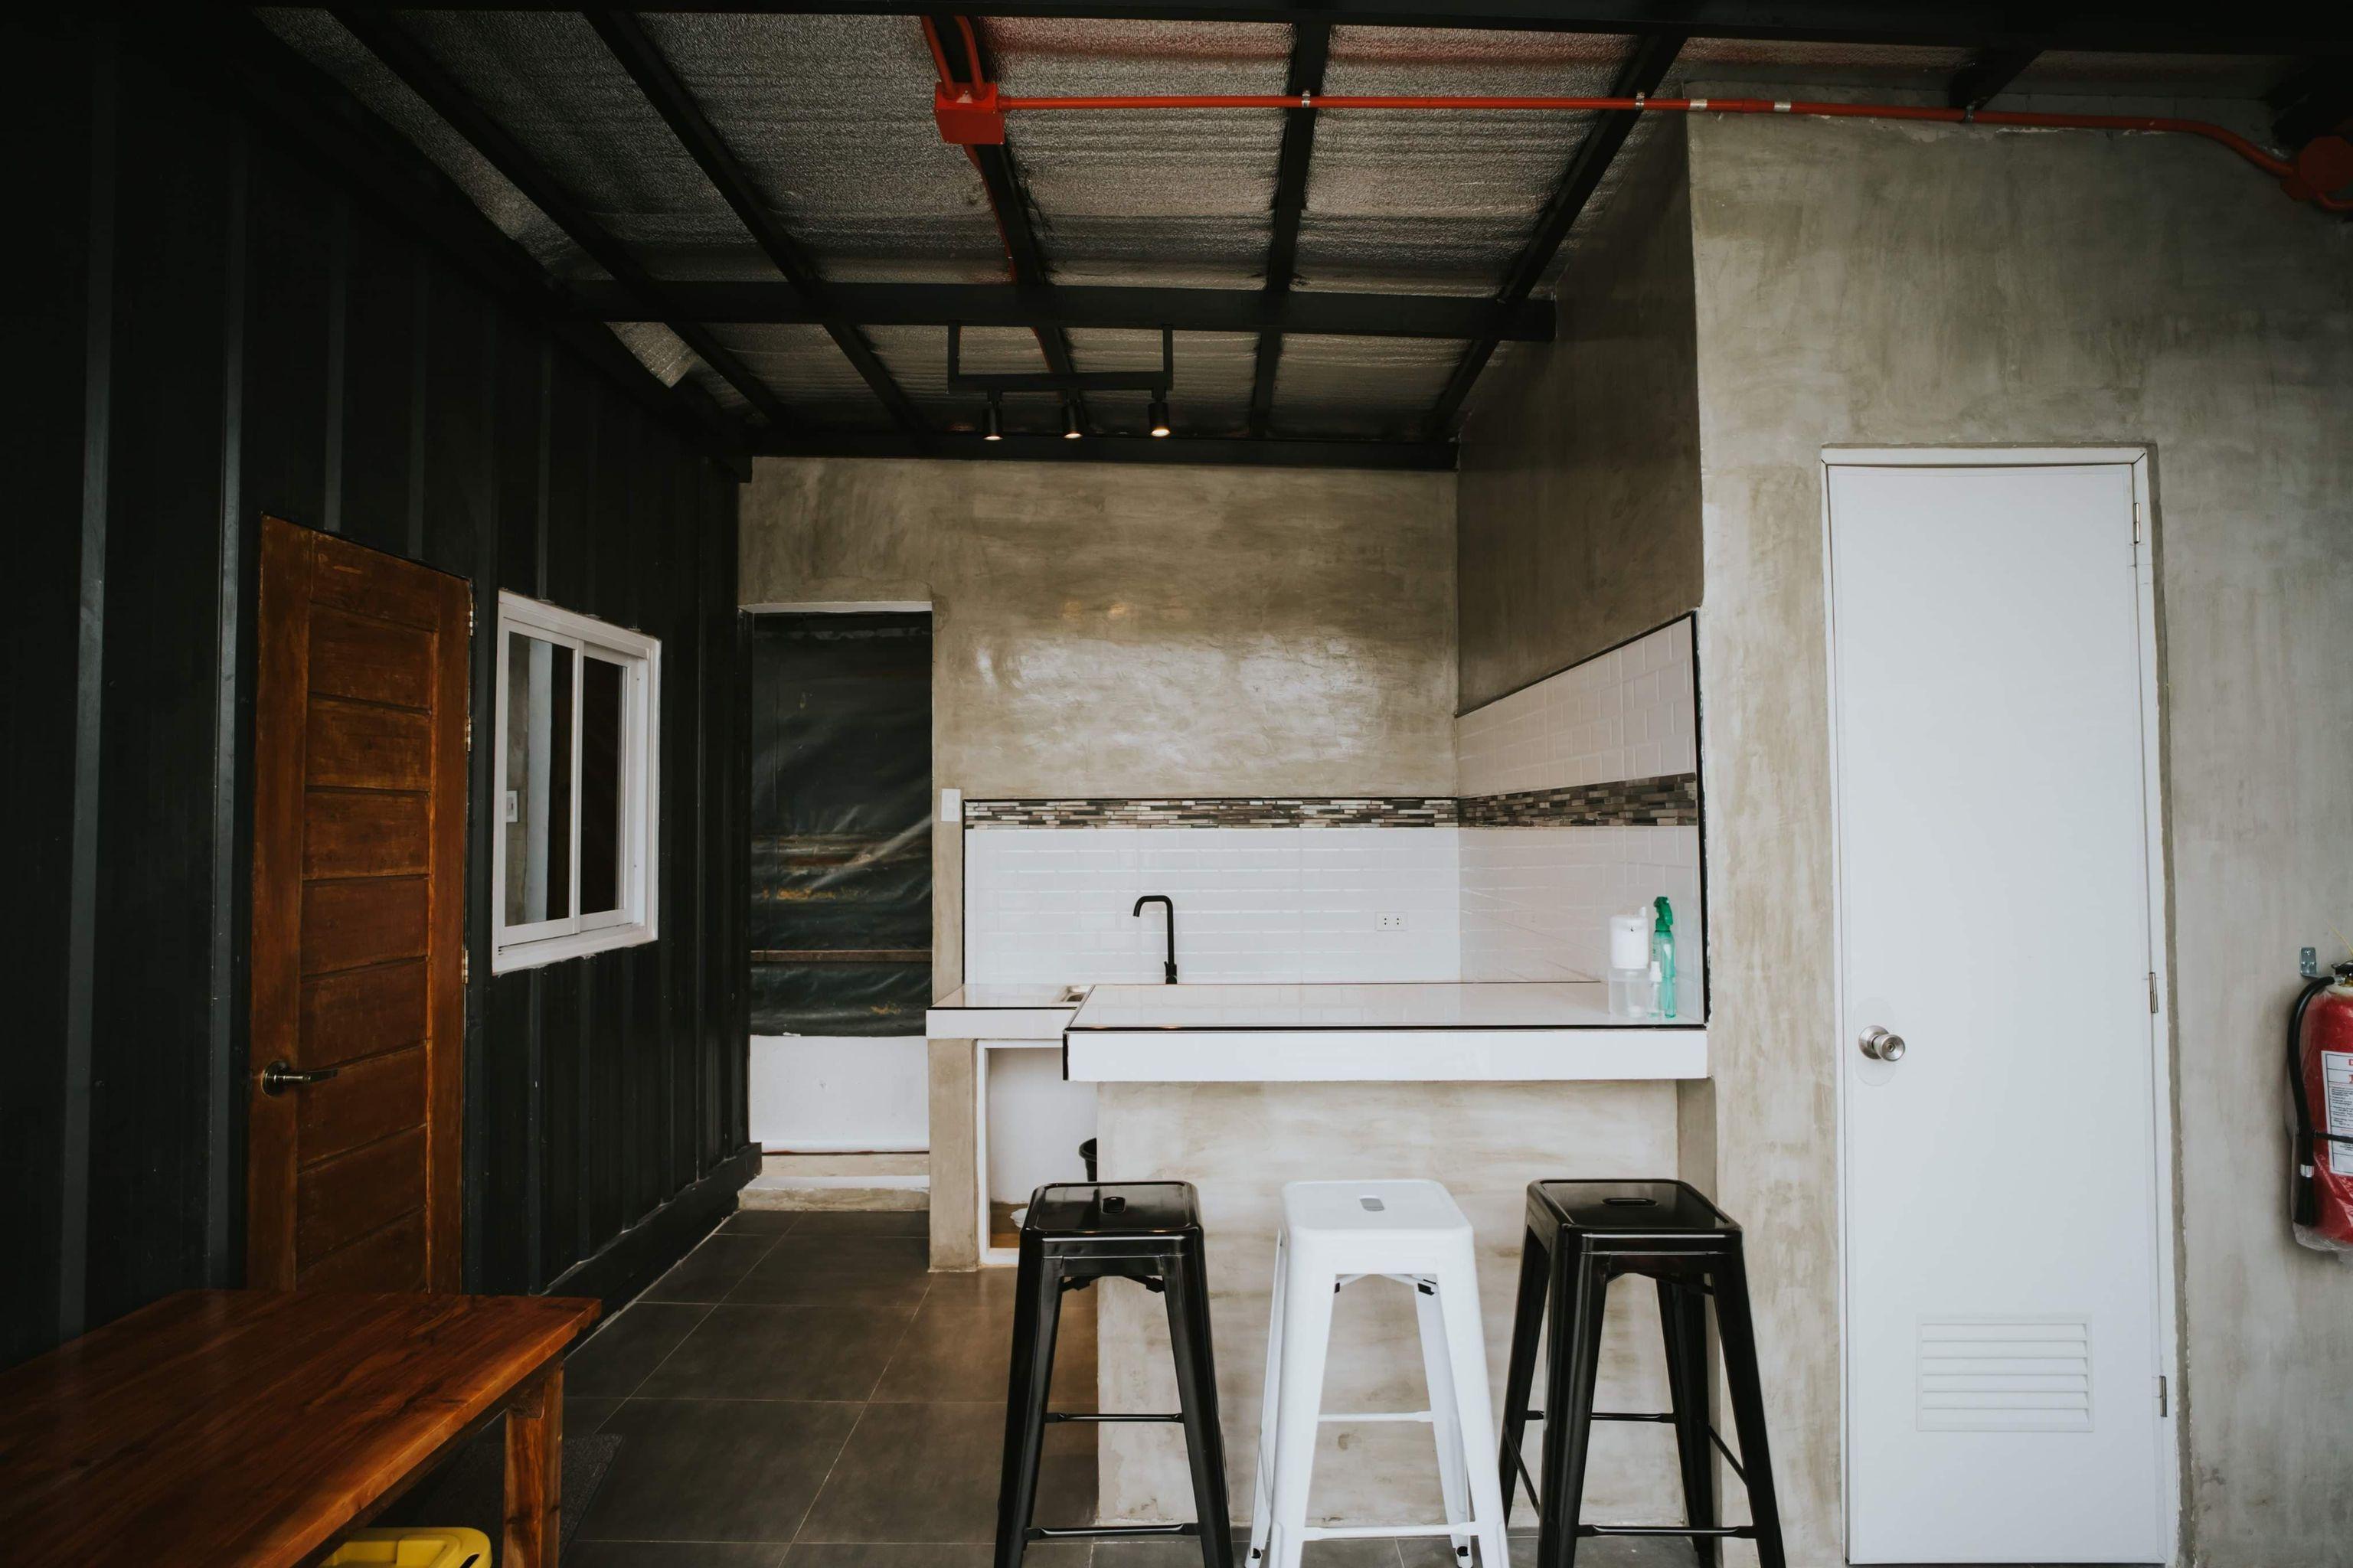 tiny house: dining area